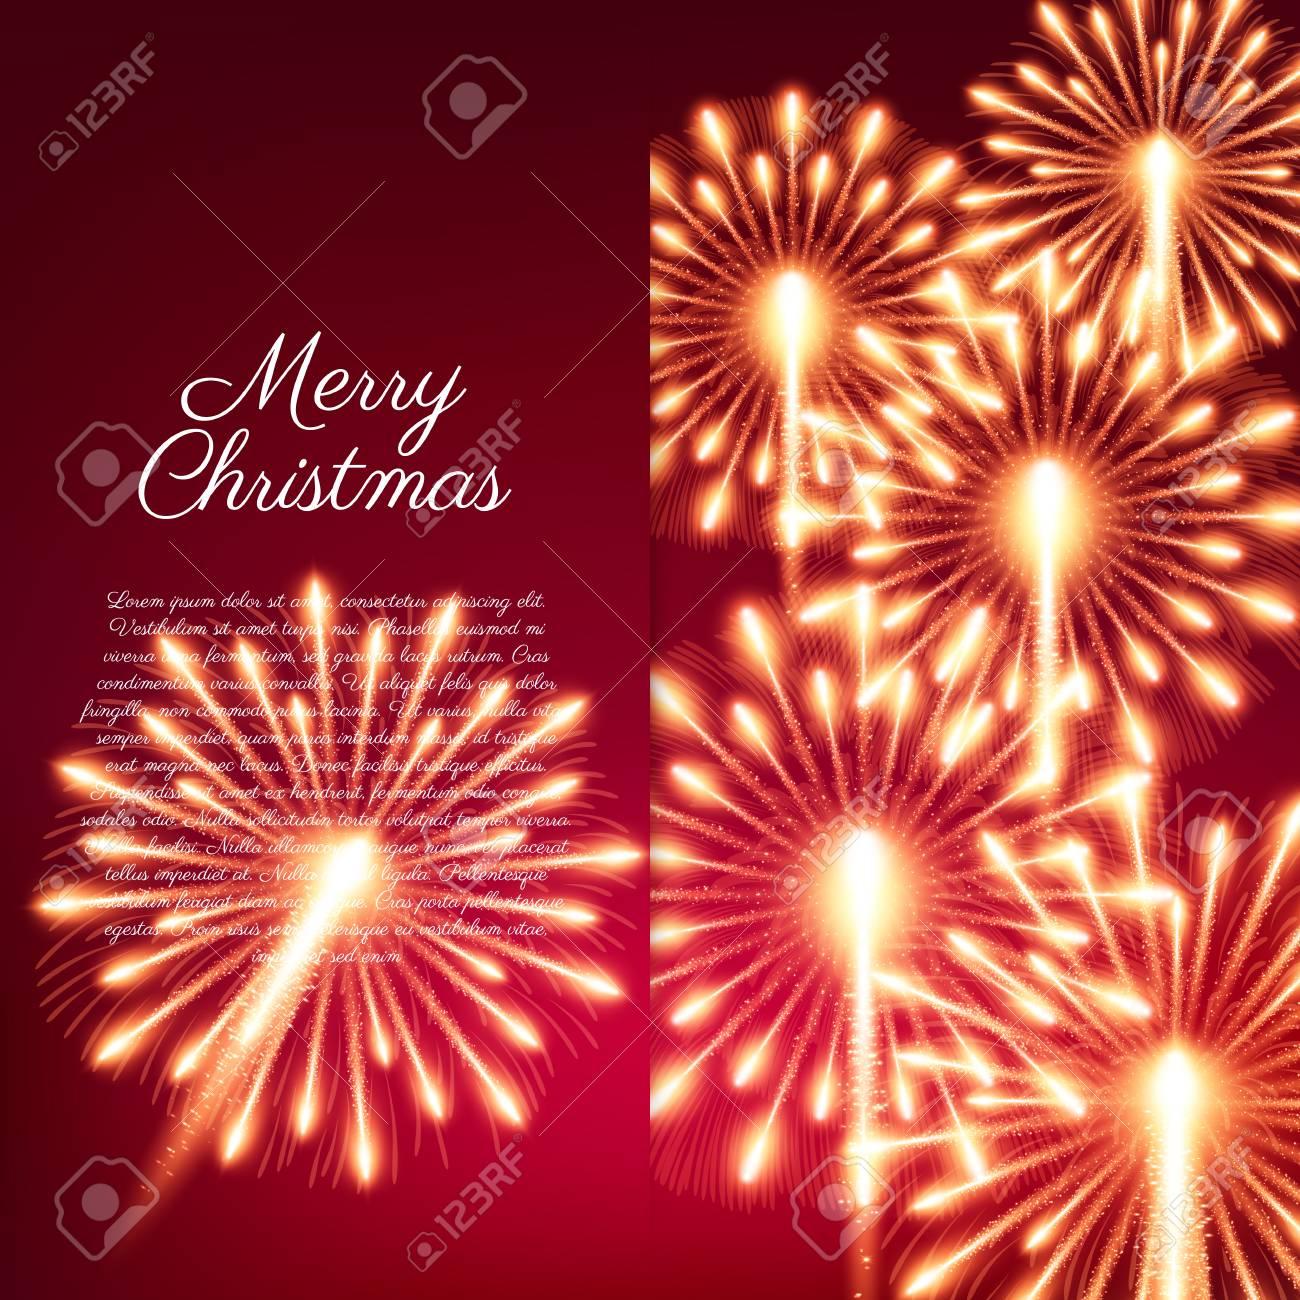 Fuegos Artificiales Feliz Navidad Ilustracion Del Vector Bonito